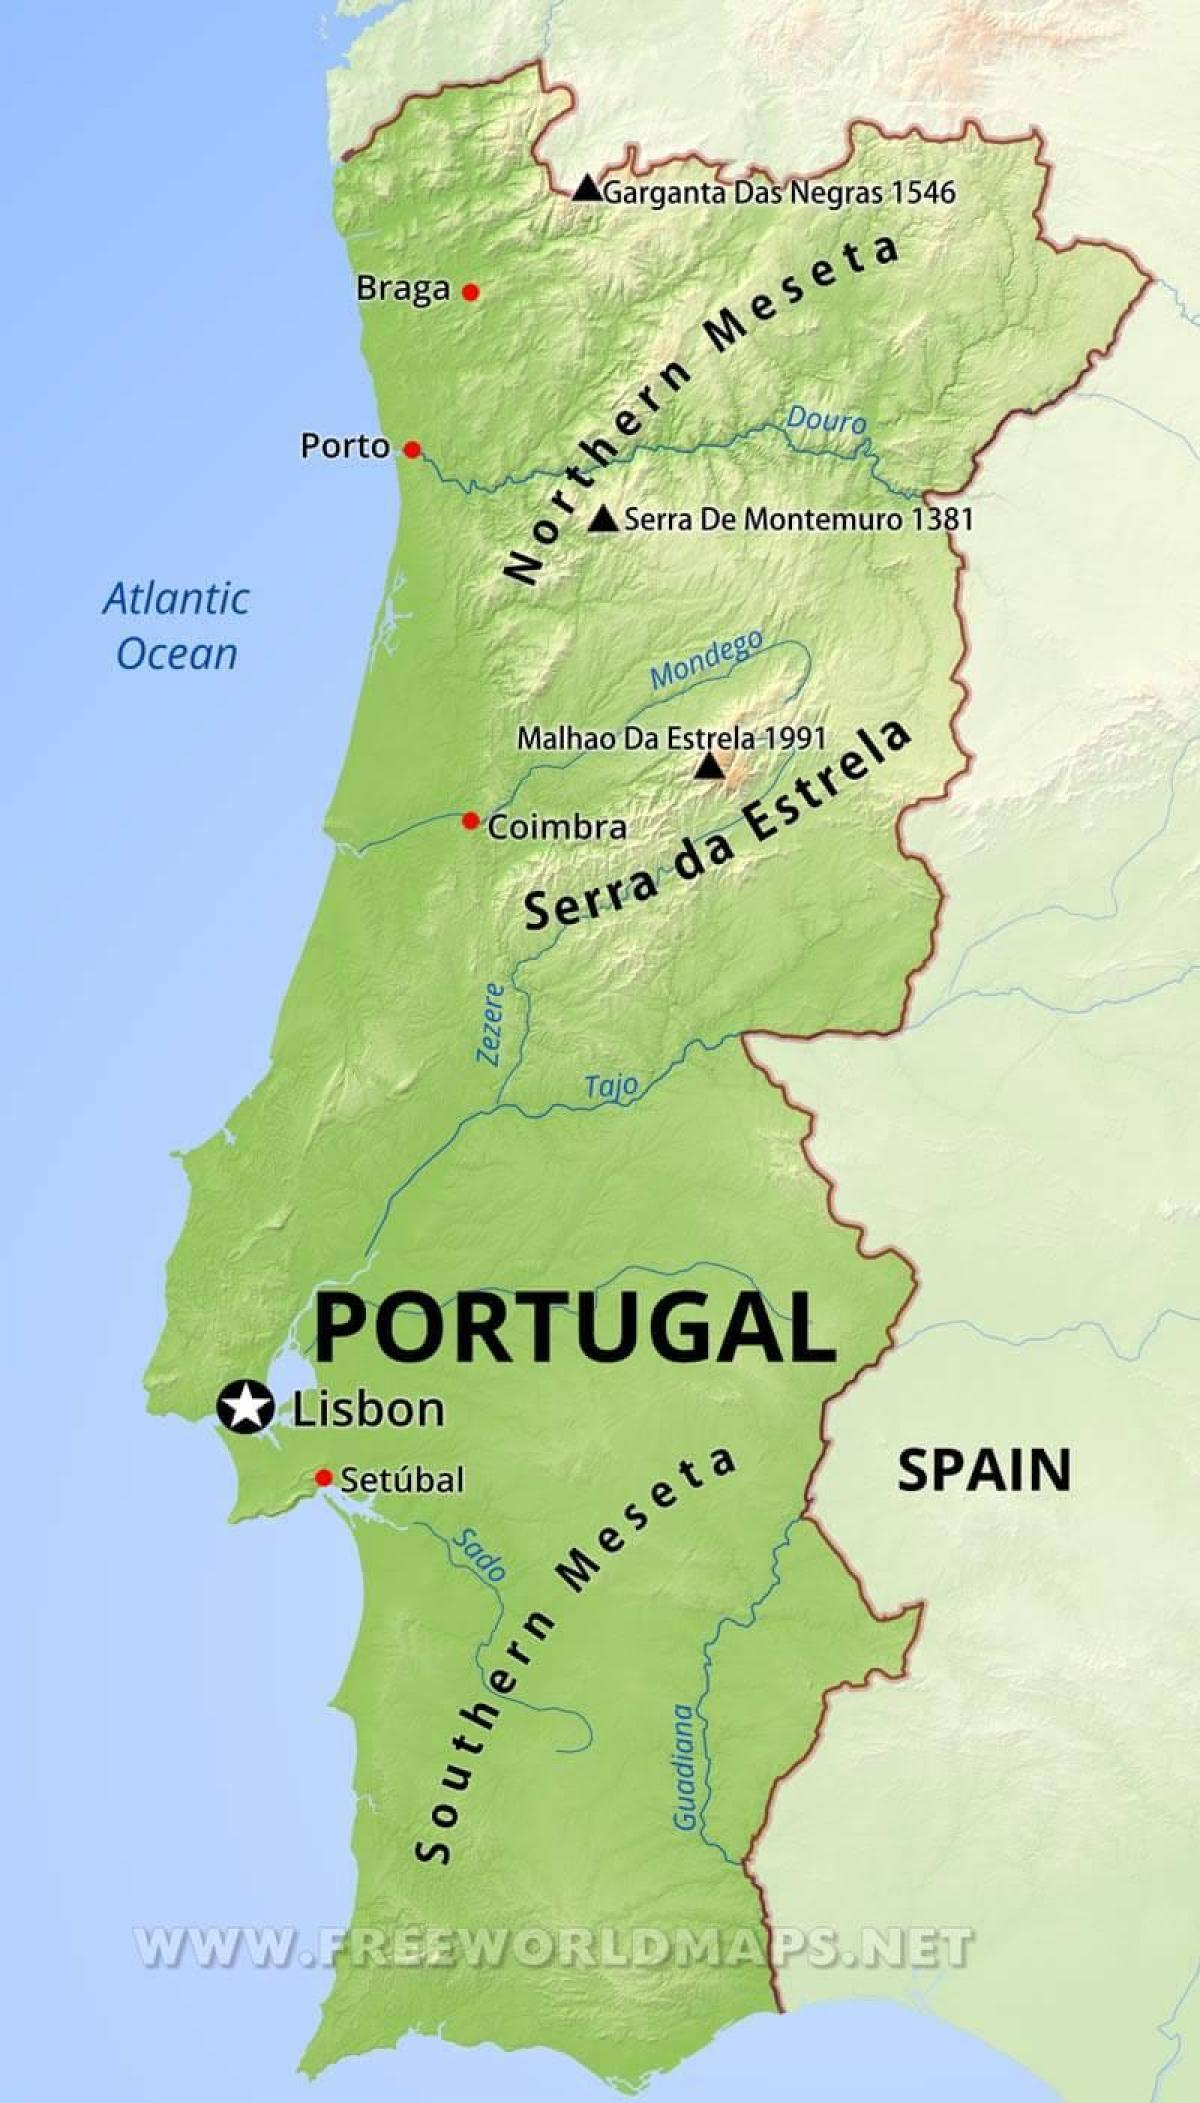 mapa montanhas portugal Portugal montanhas mapa   Montes, em Portugal, mapa (Sul da Europa  mapa montanhas portugal